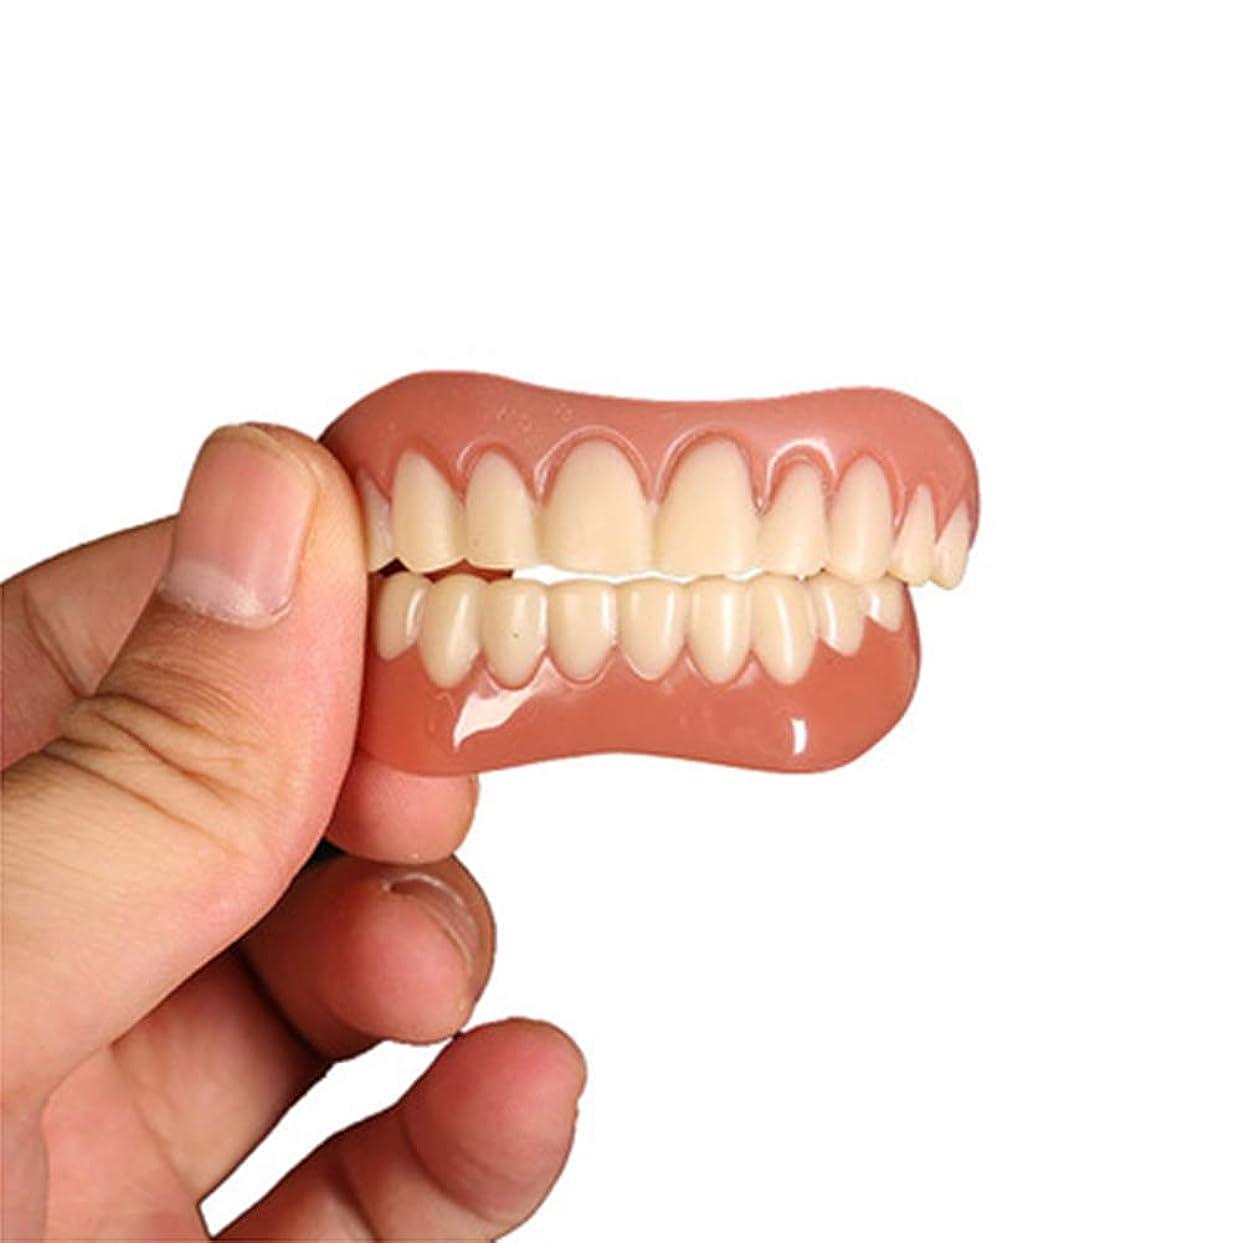 送った発動機ストリーム6セット、化粧品の歯、白い歯をきれいにするための快適さにフィットするフレックス歯のソケット、化粧品の歯義歯の歯のトップ化粧品、